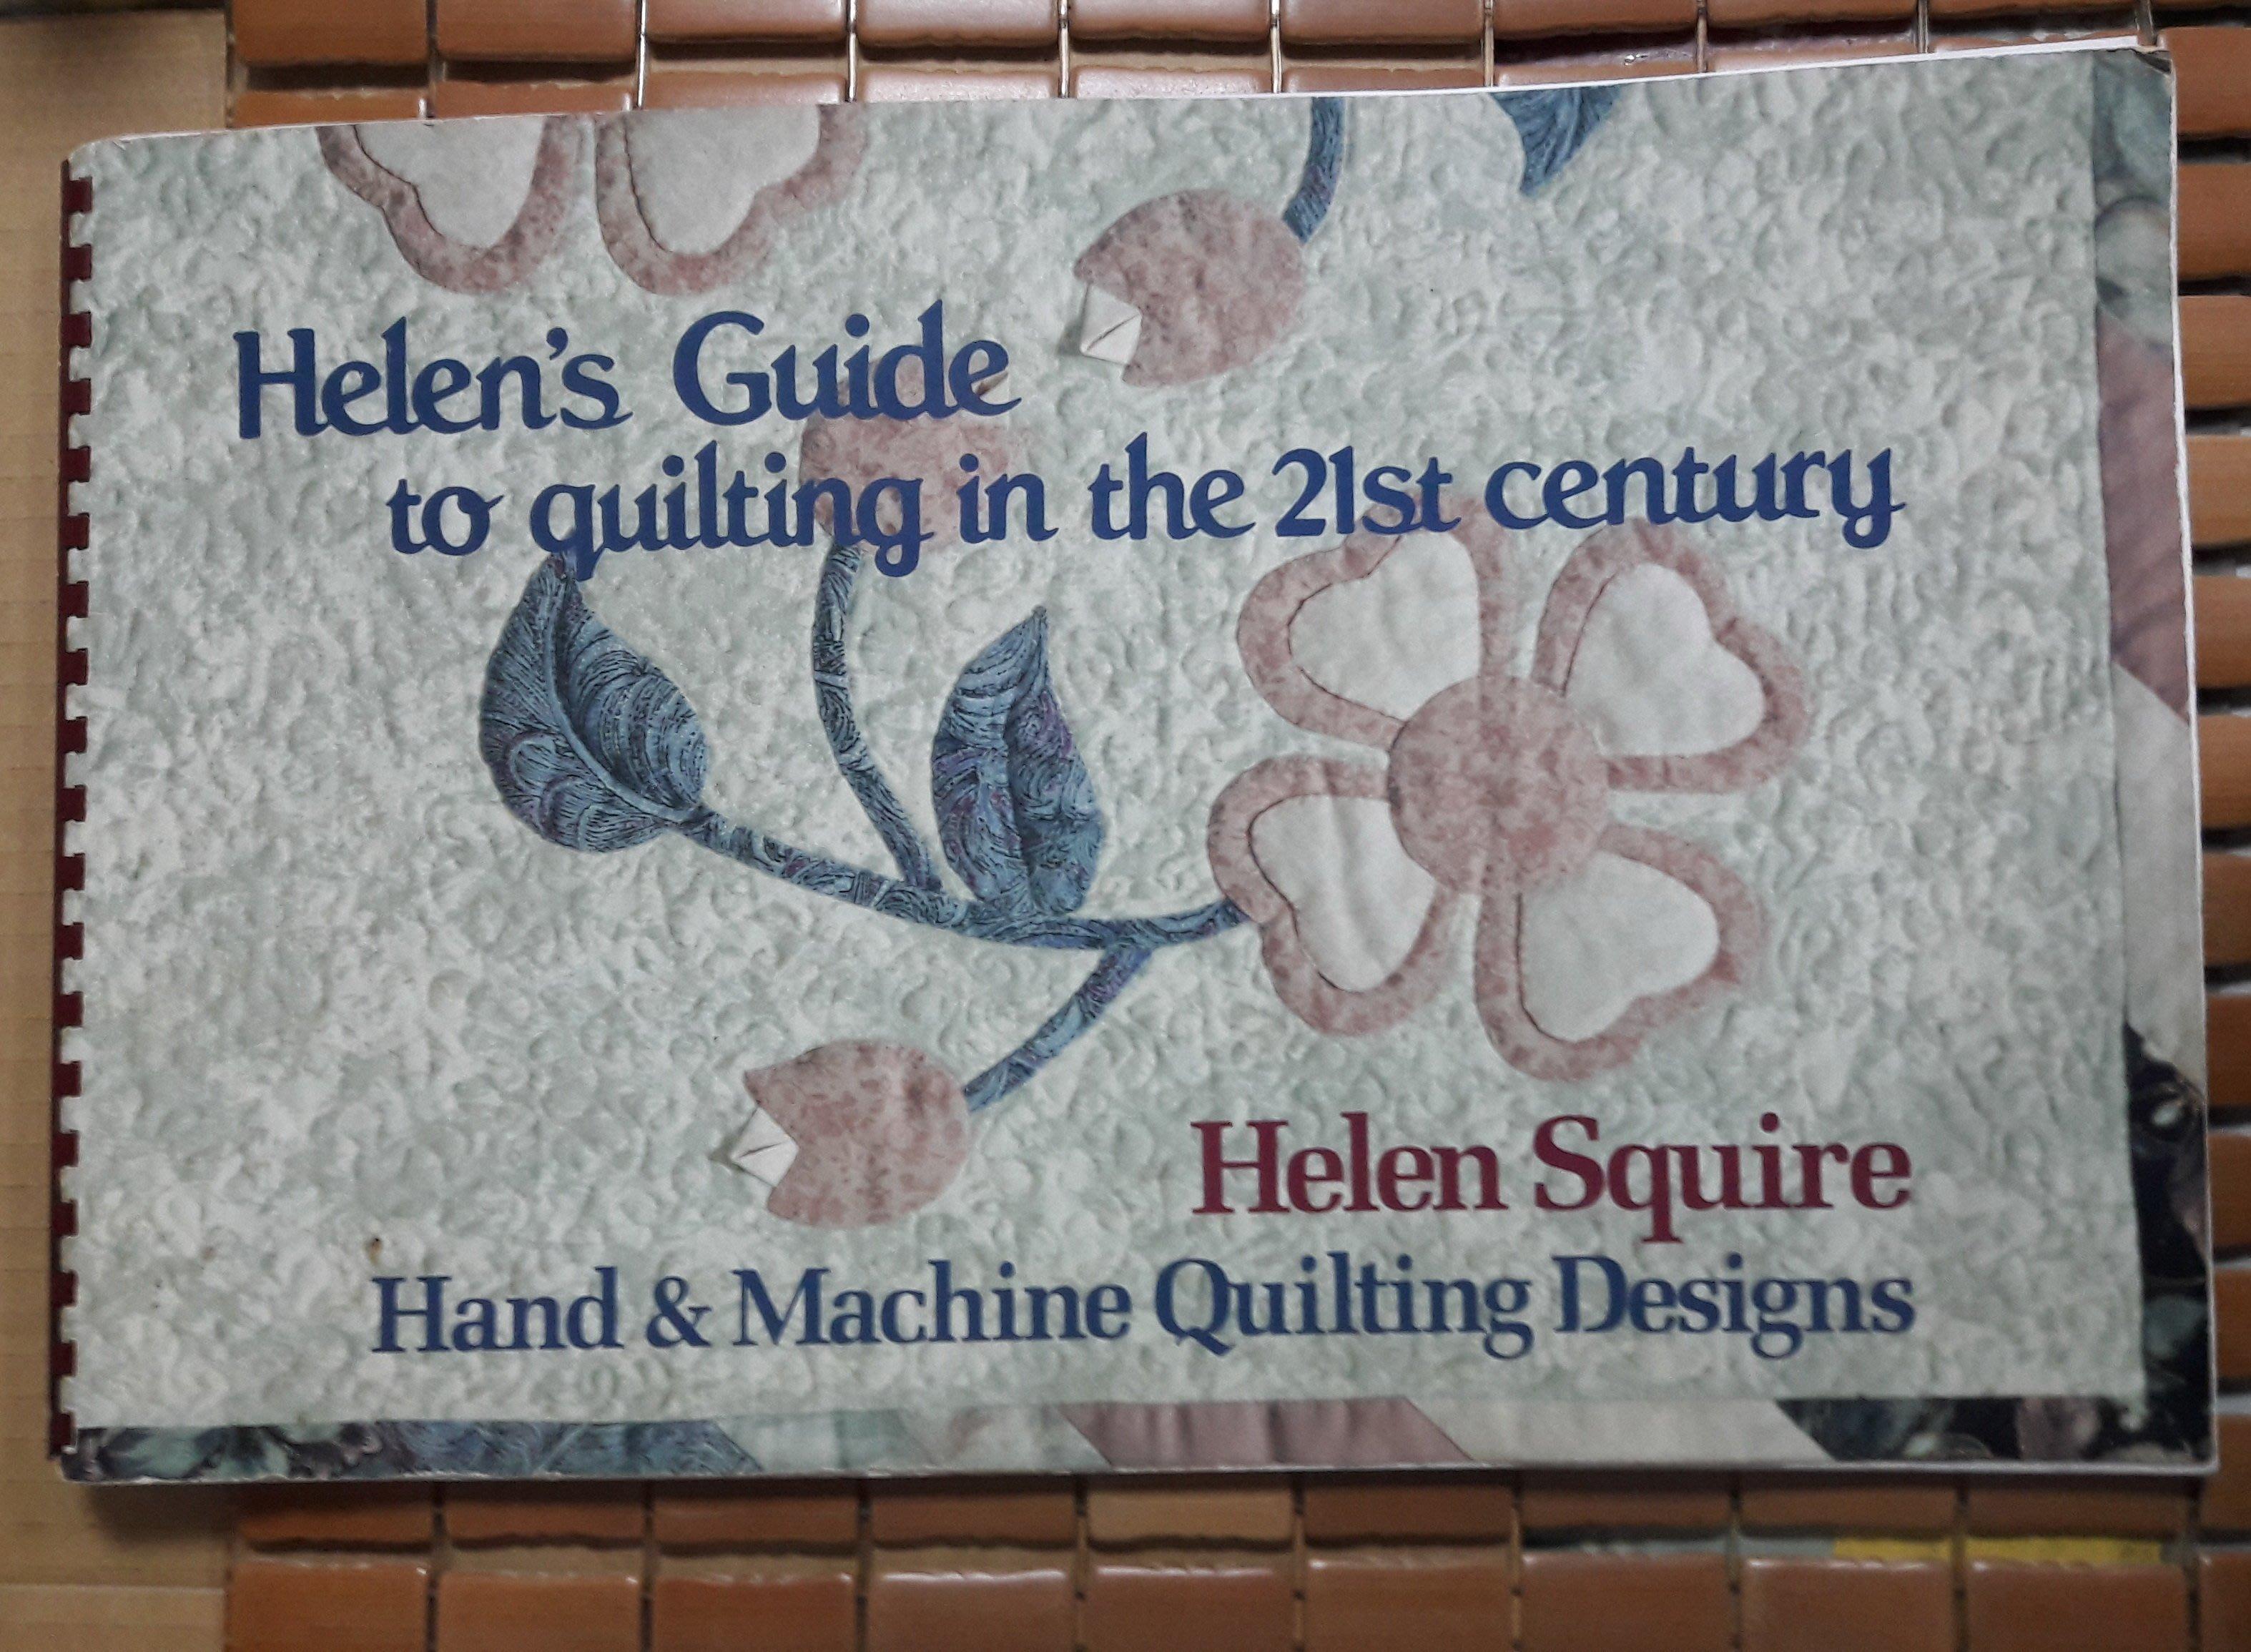 不二書店 Helens Guide to Quilting in the 21st Century